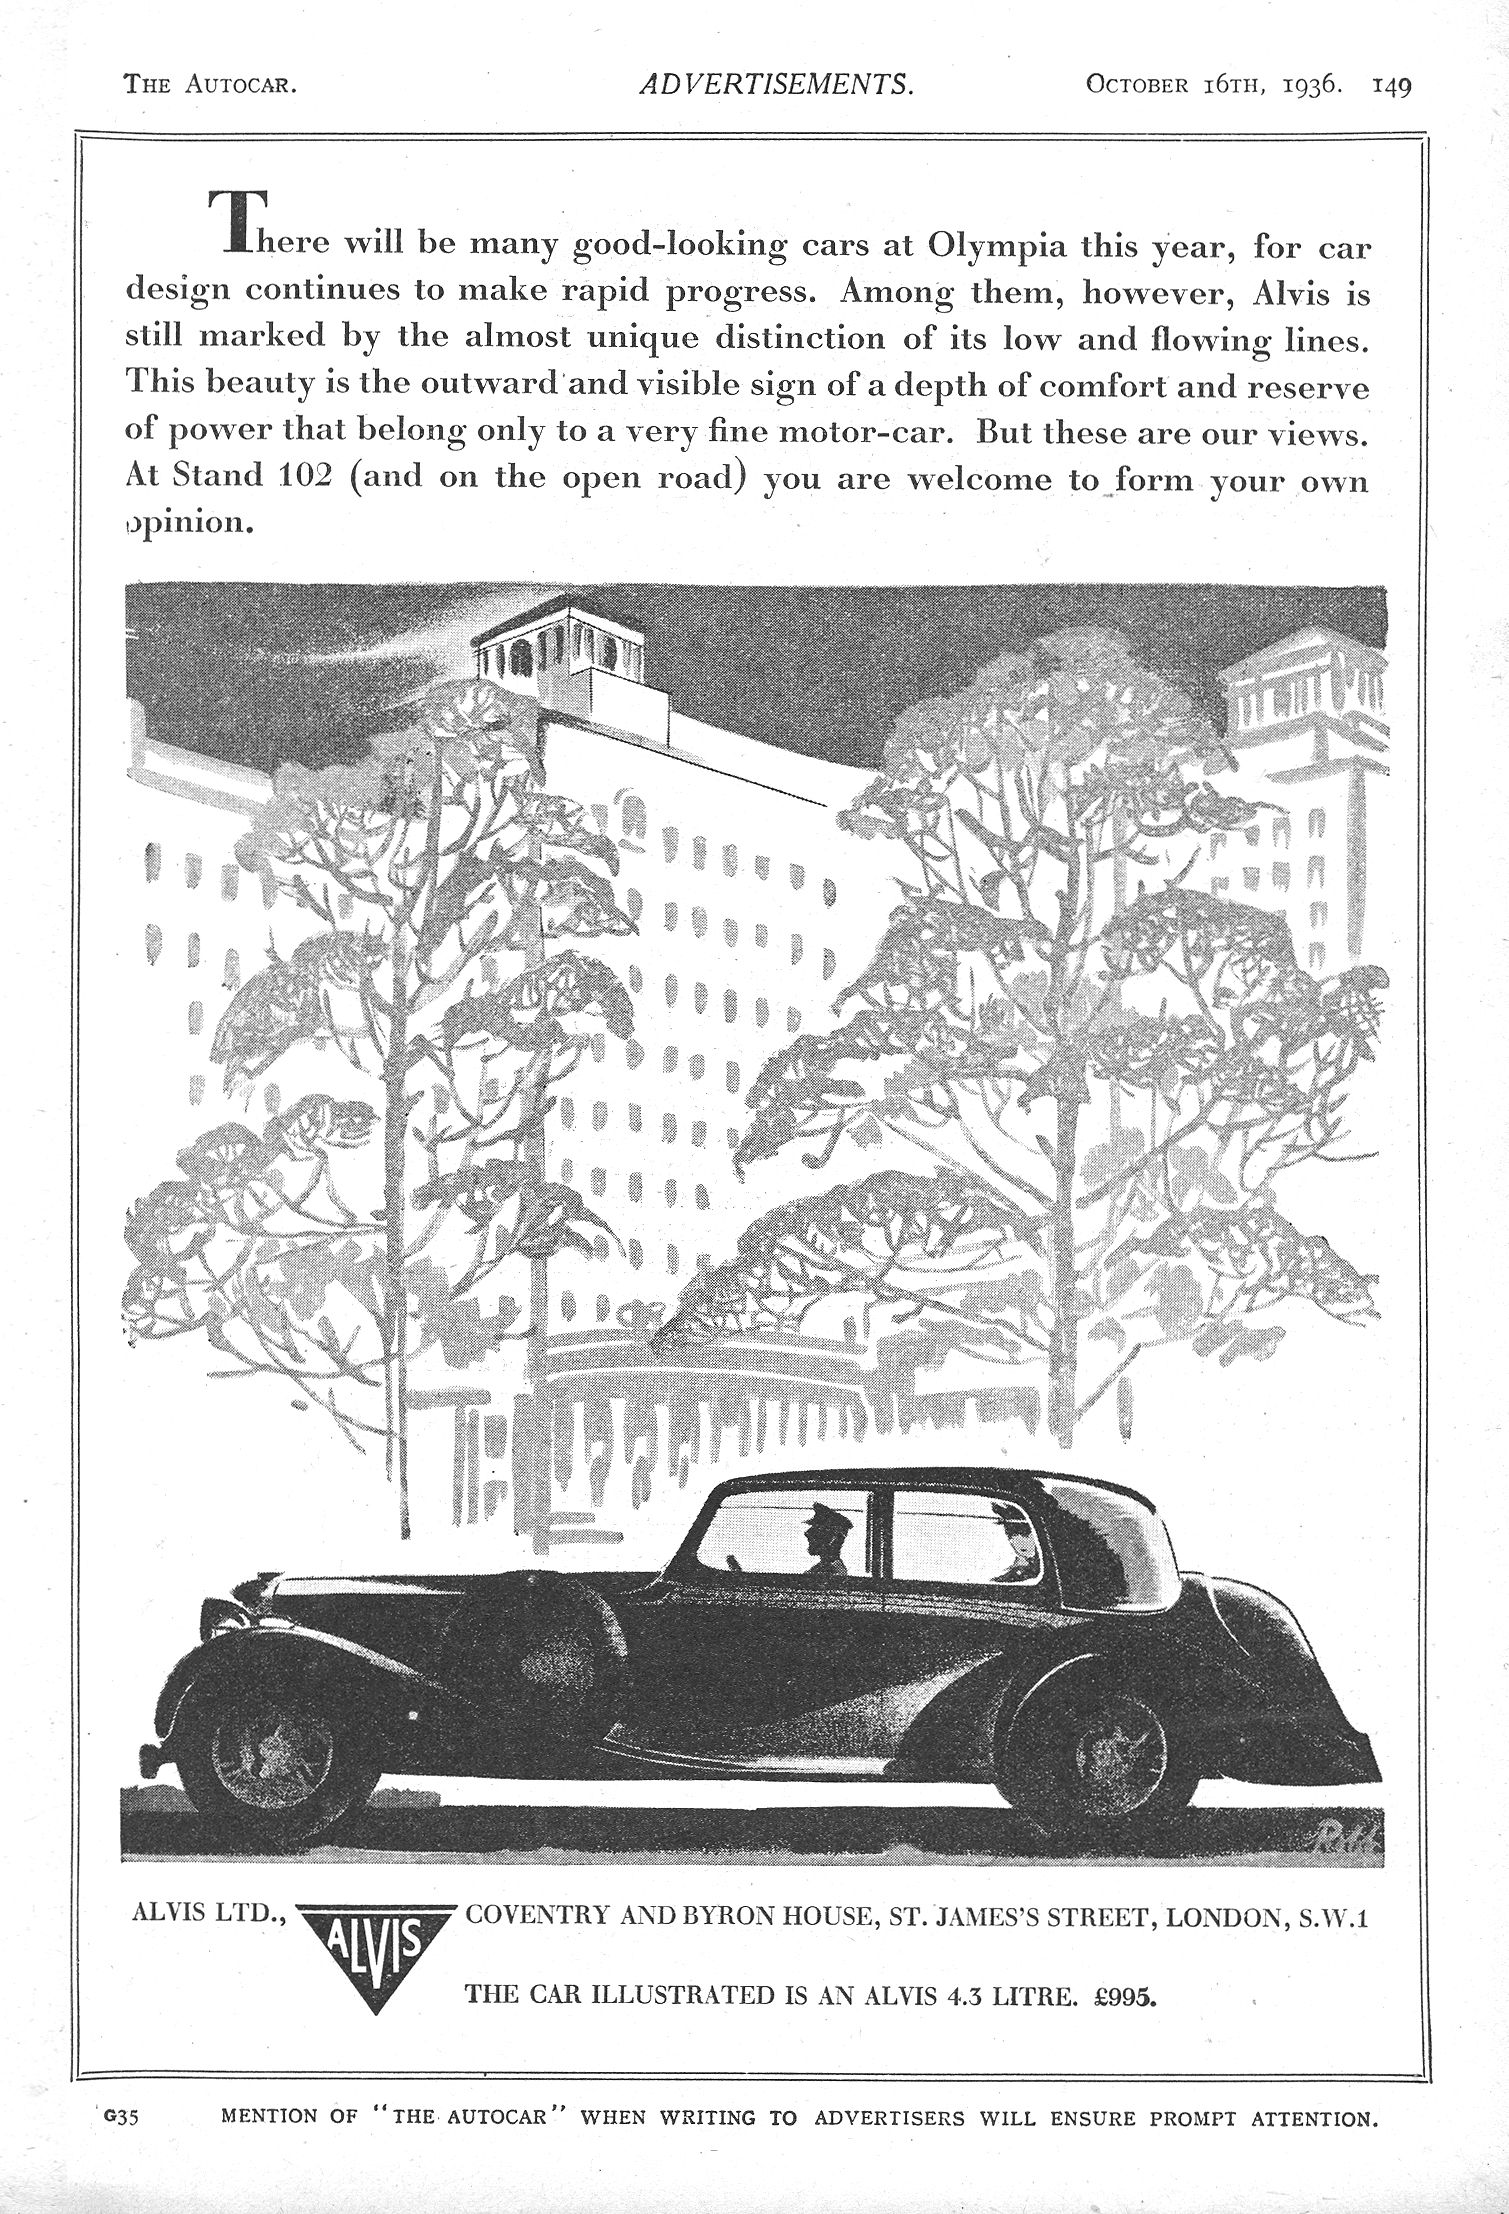 Alvis Car Autocar Advert 1936 - Alvis 4.3 Litre